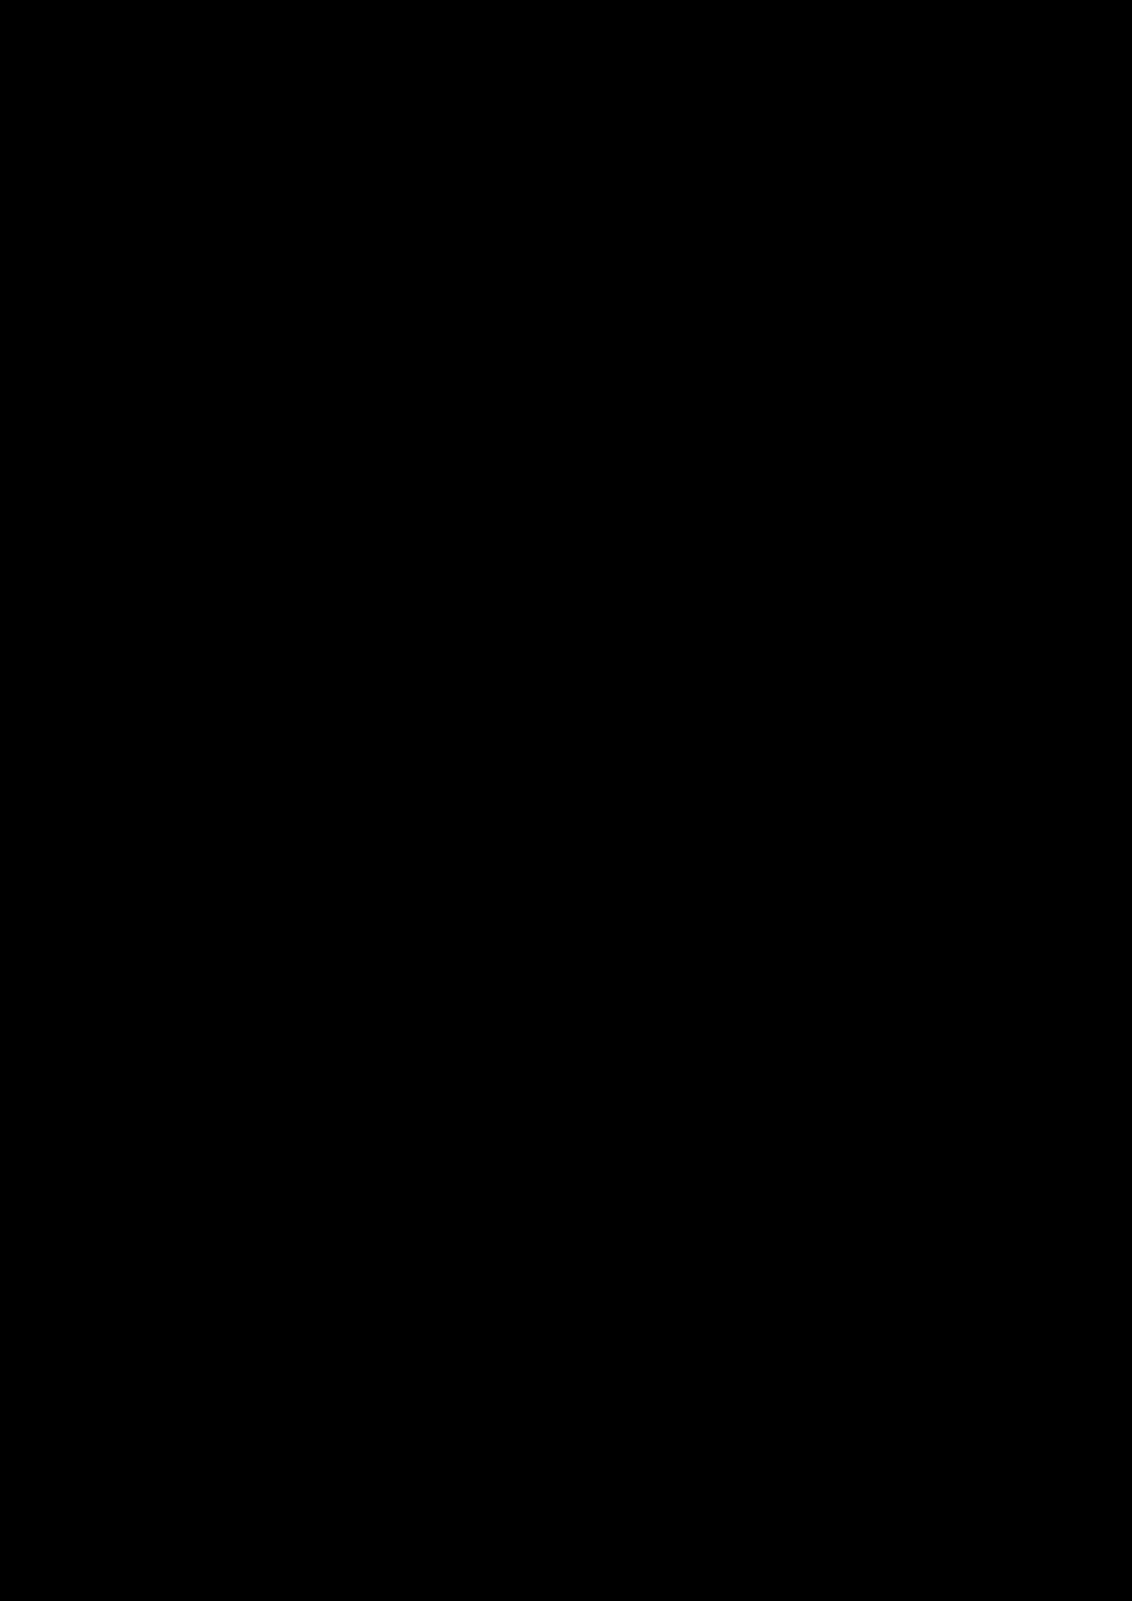 Zagadka volshebnoy stranyi slide, Image 59